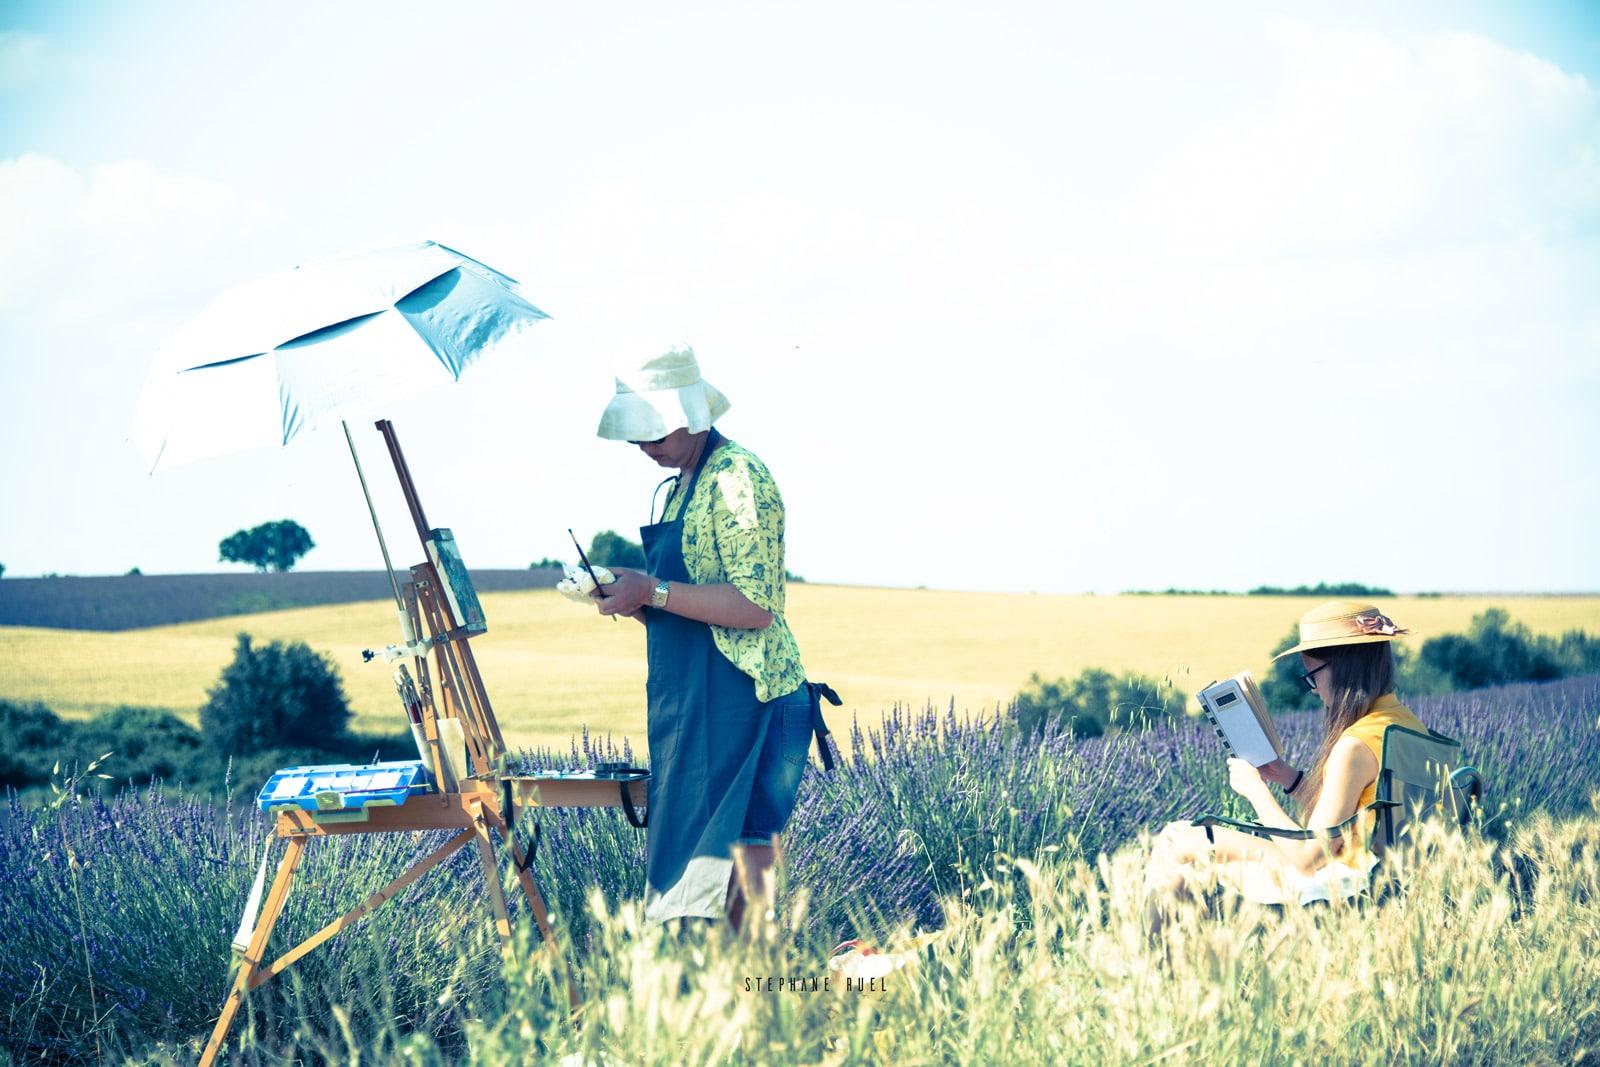 photographe-en-famille-portrait-a-avignon-vaucluse-84000-stephane-ruel-photographe-professionnel-avignon-vaucluse-provence